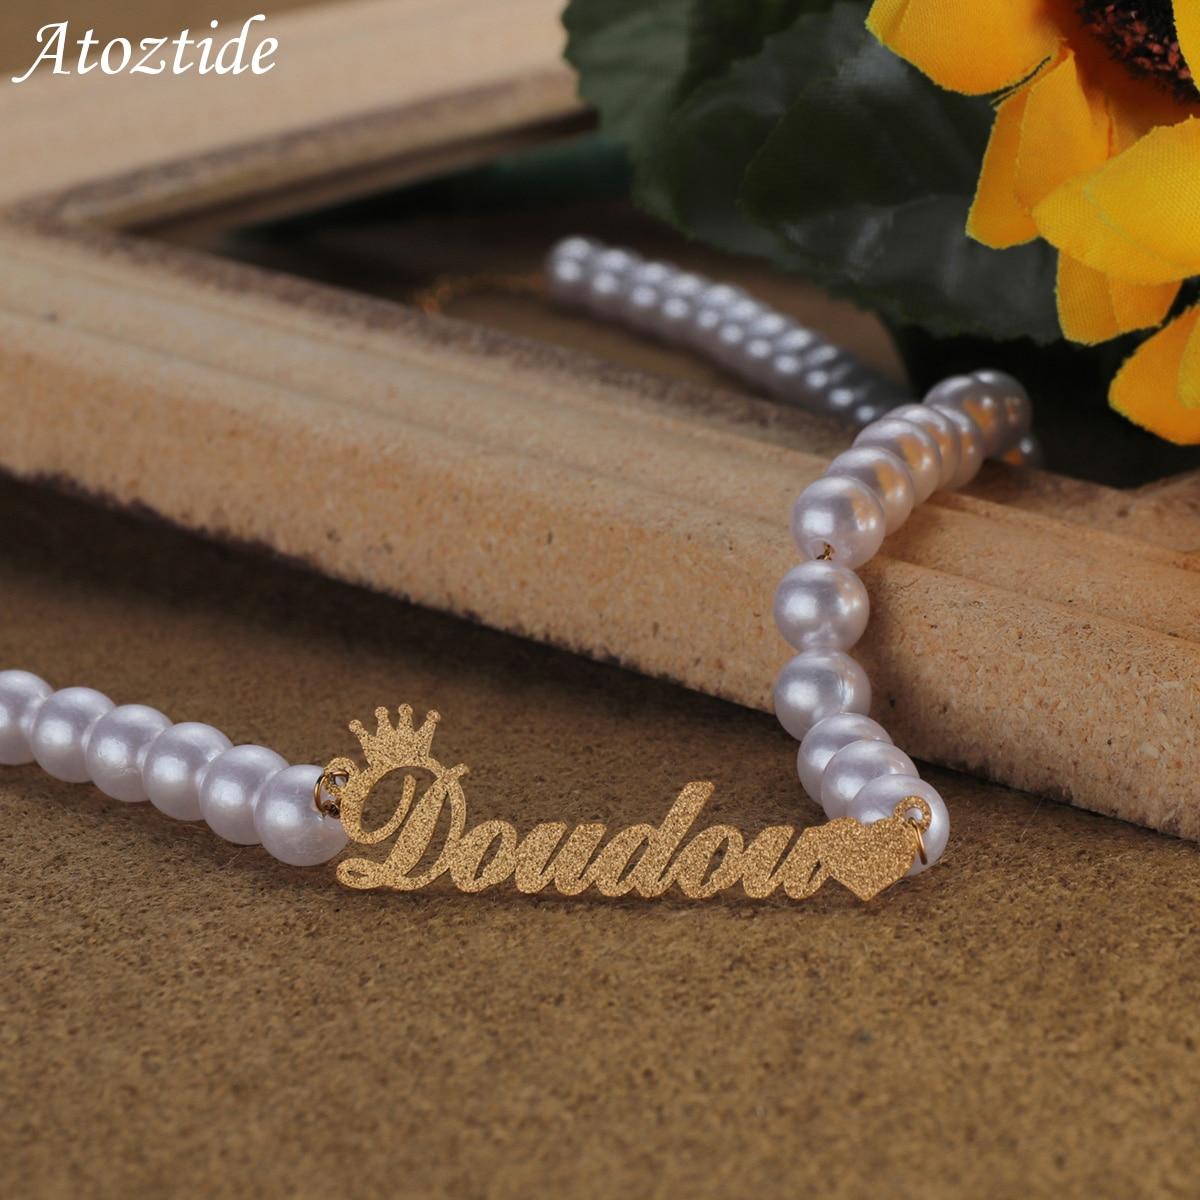 Angepasst Name Halsketten Edelstahl Personalisierte frost Perle Kette Choker Anhänger Erklärung Elegante für Frauen Schmuck